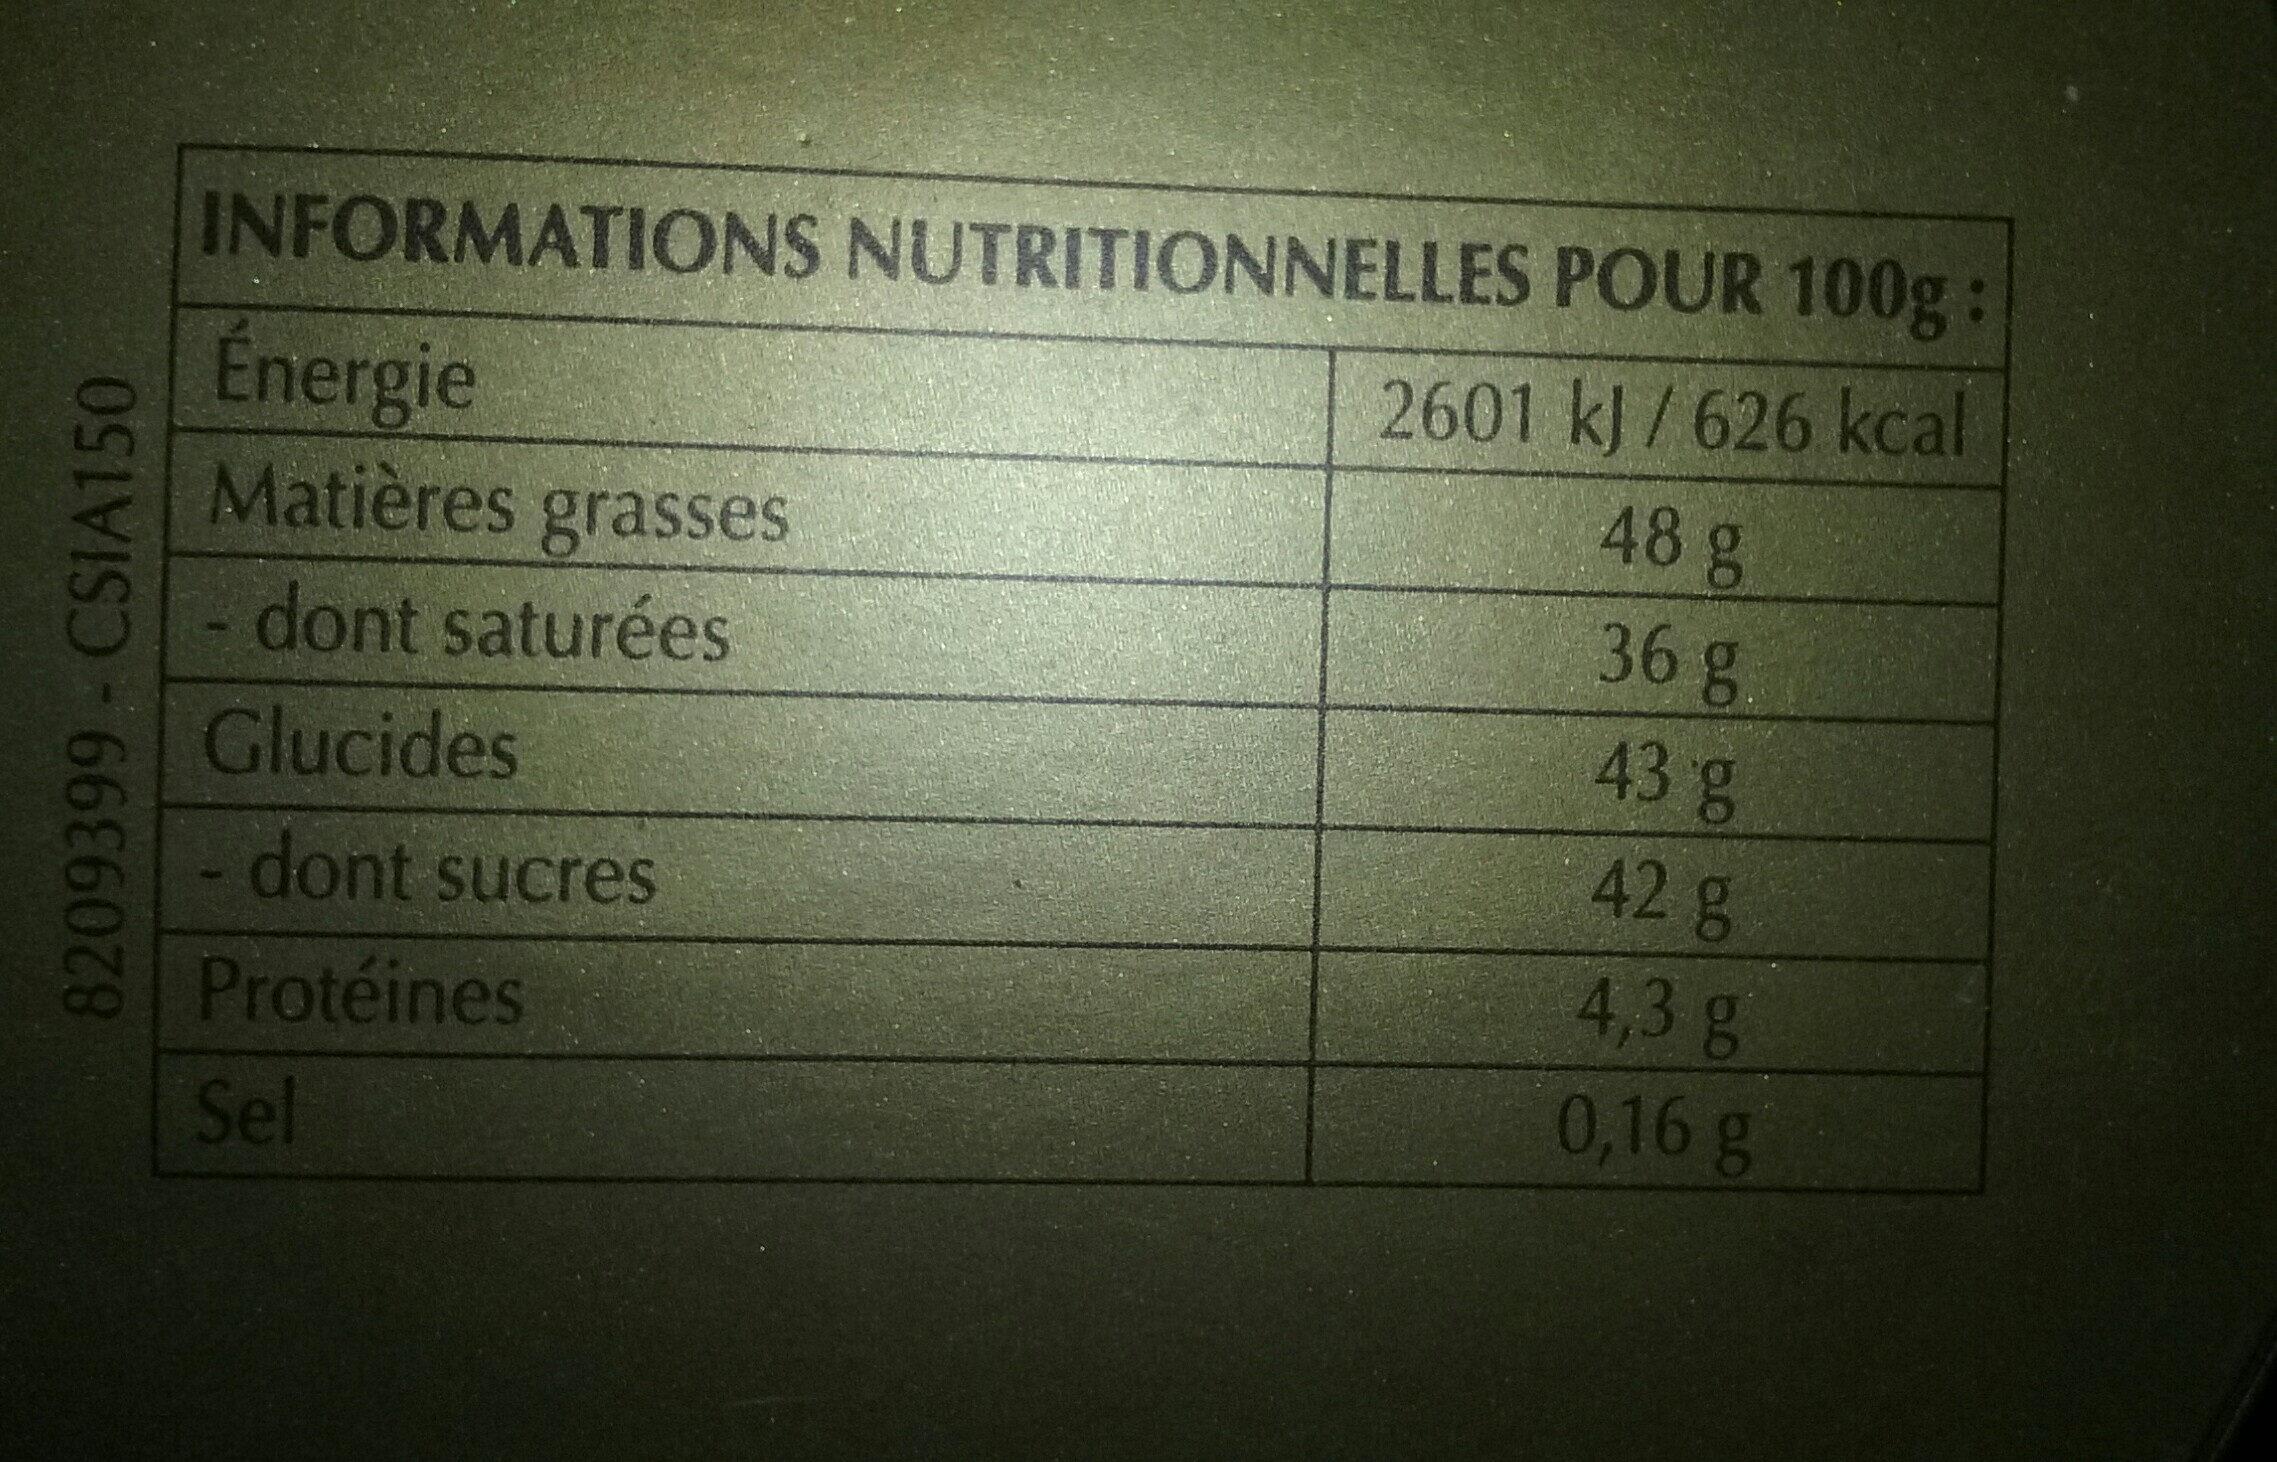 Passionnement fondant assorti - Nutrition facts